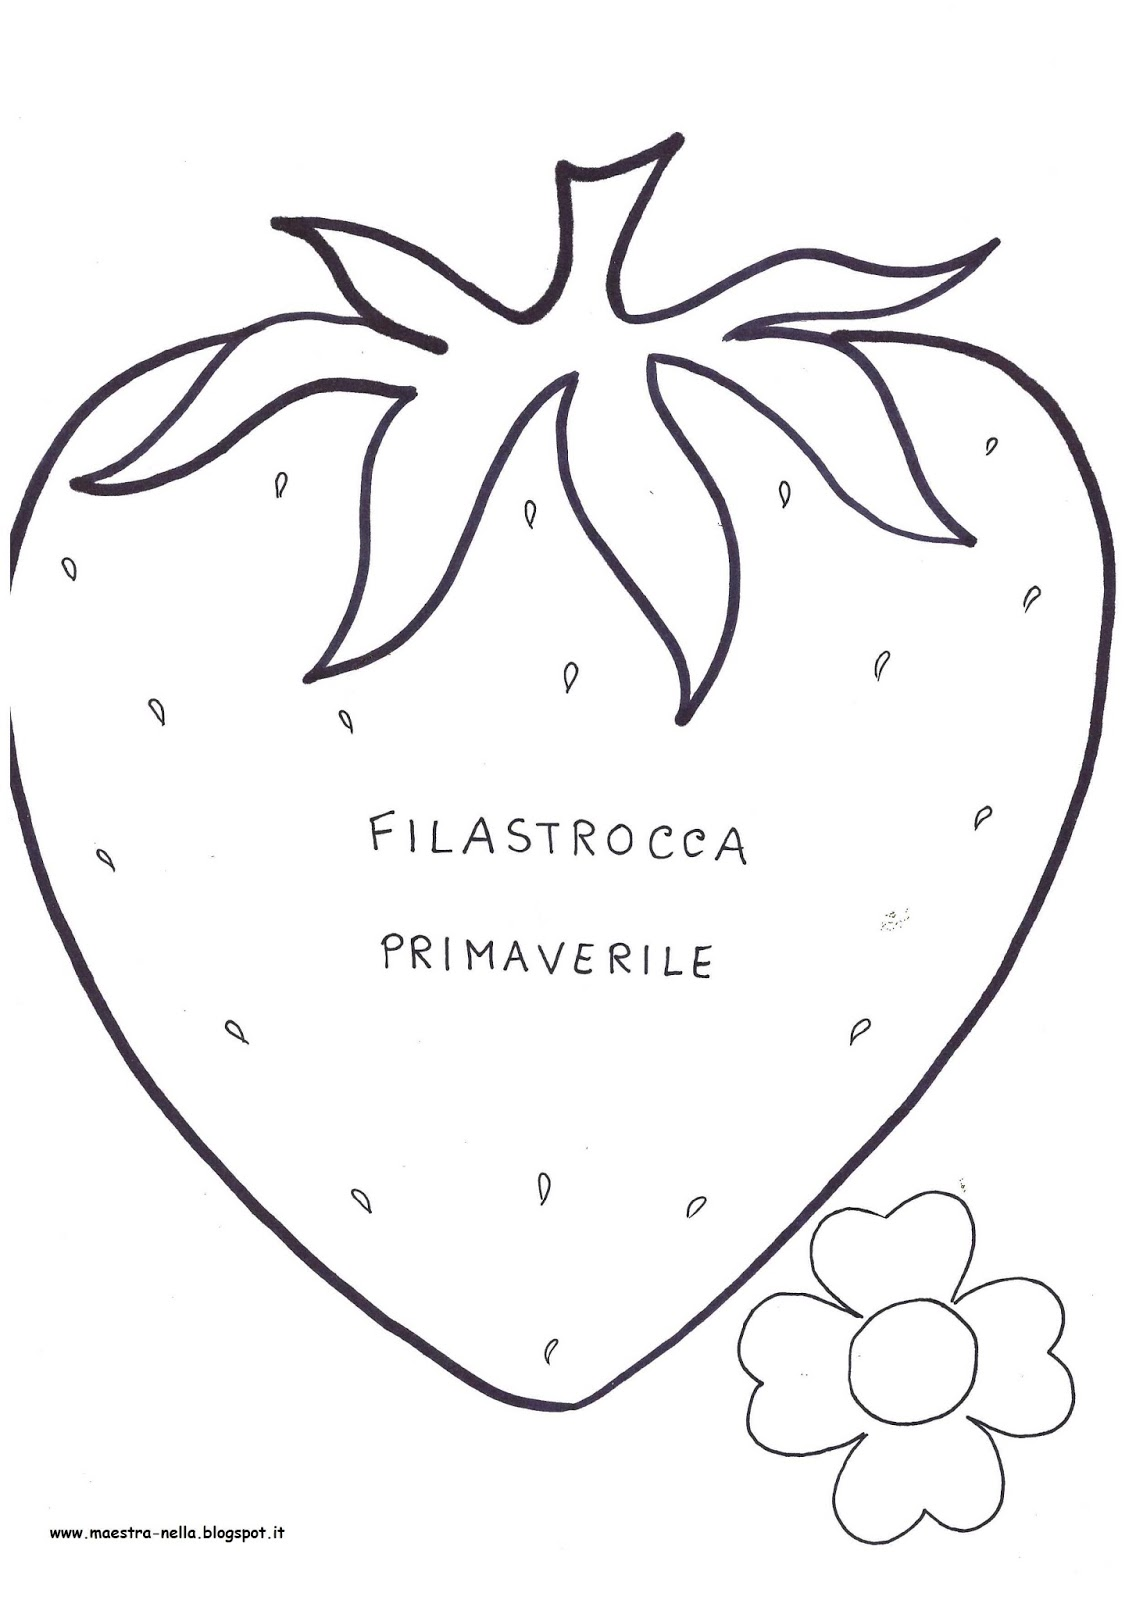 libretto ' filastrocca primaverile'